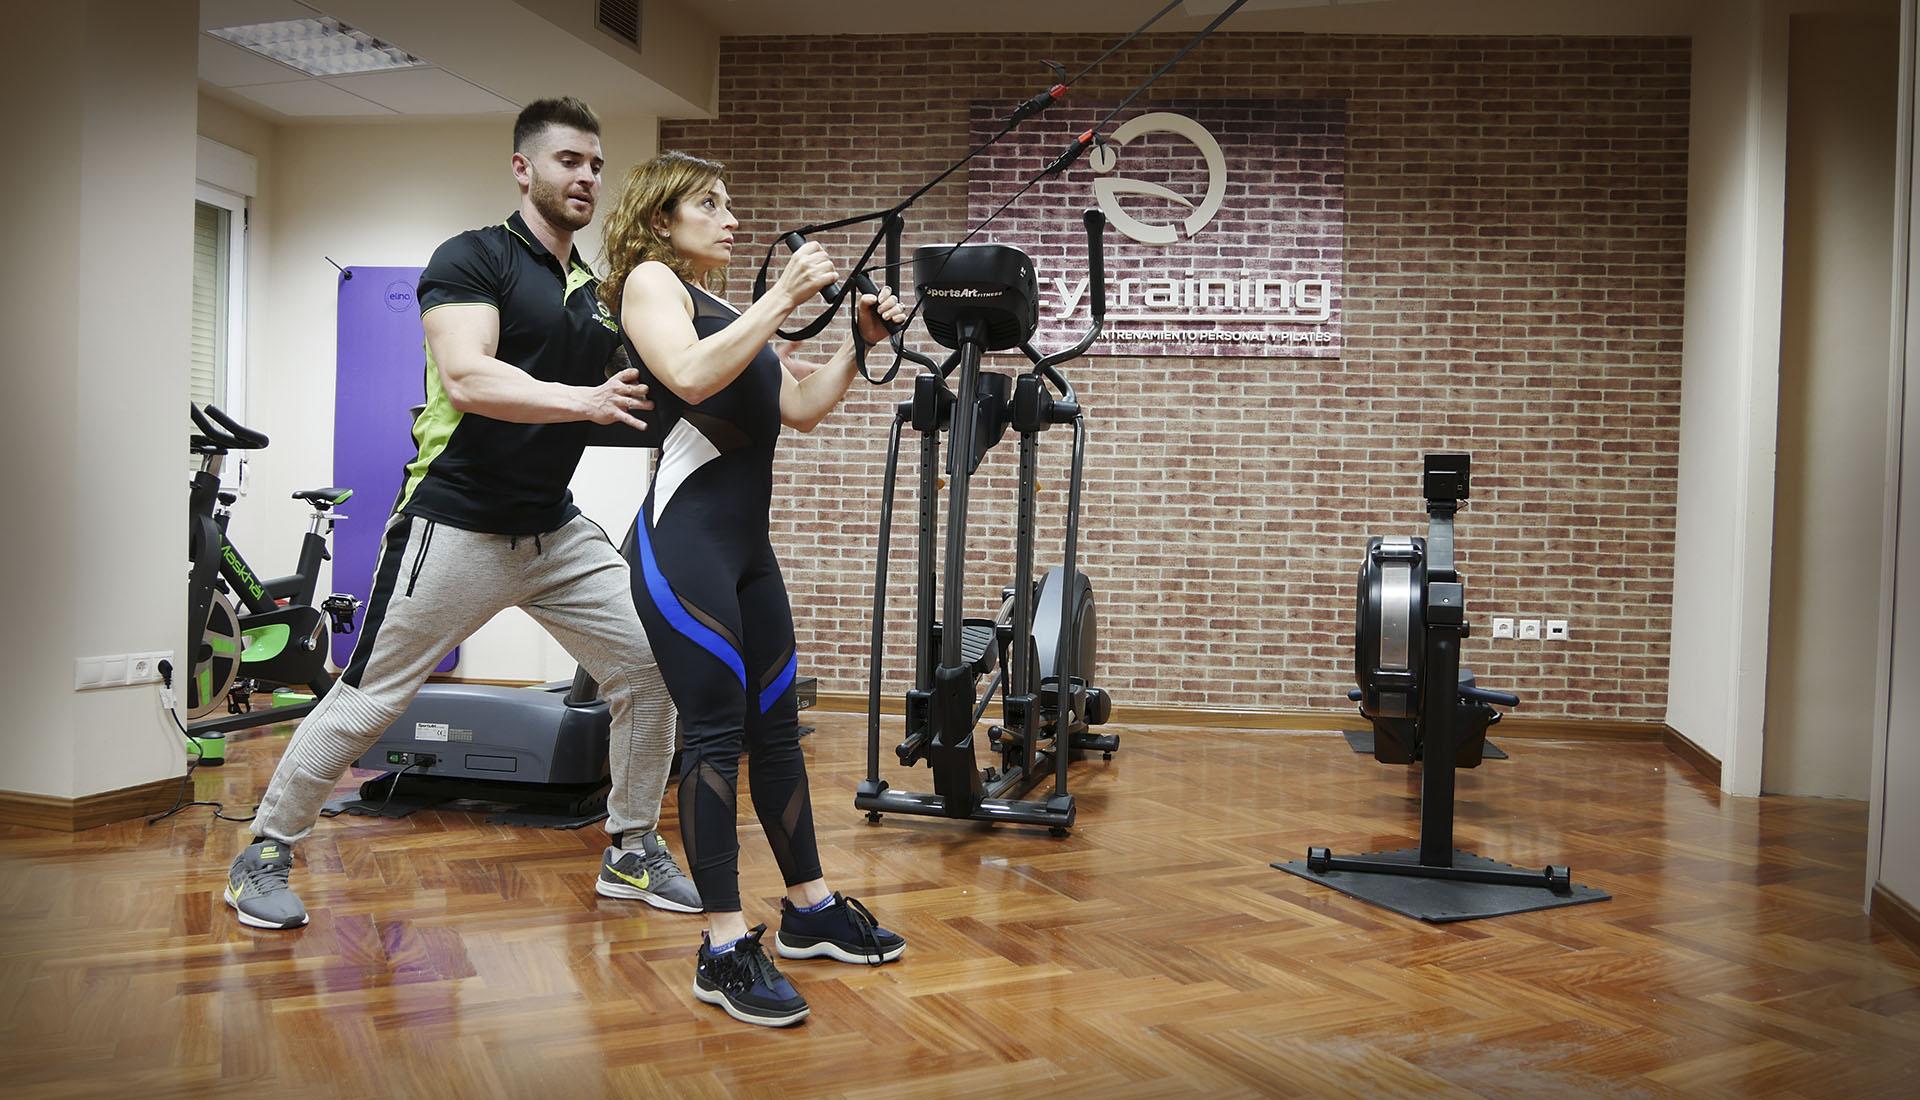 entrenamientos personales y pilates en Plaza Fuente Dorada